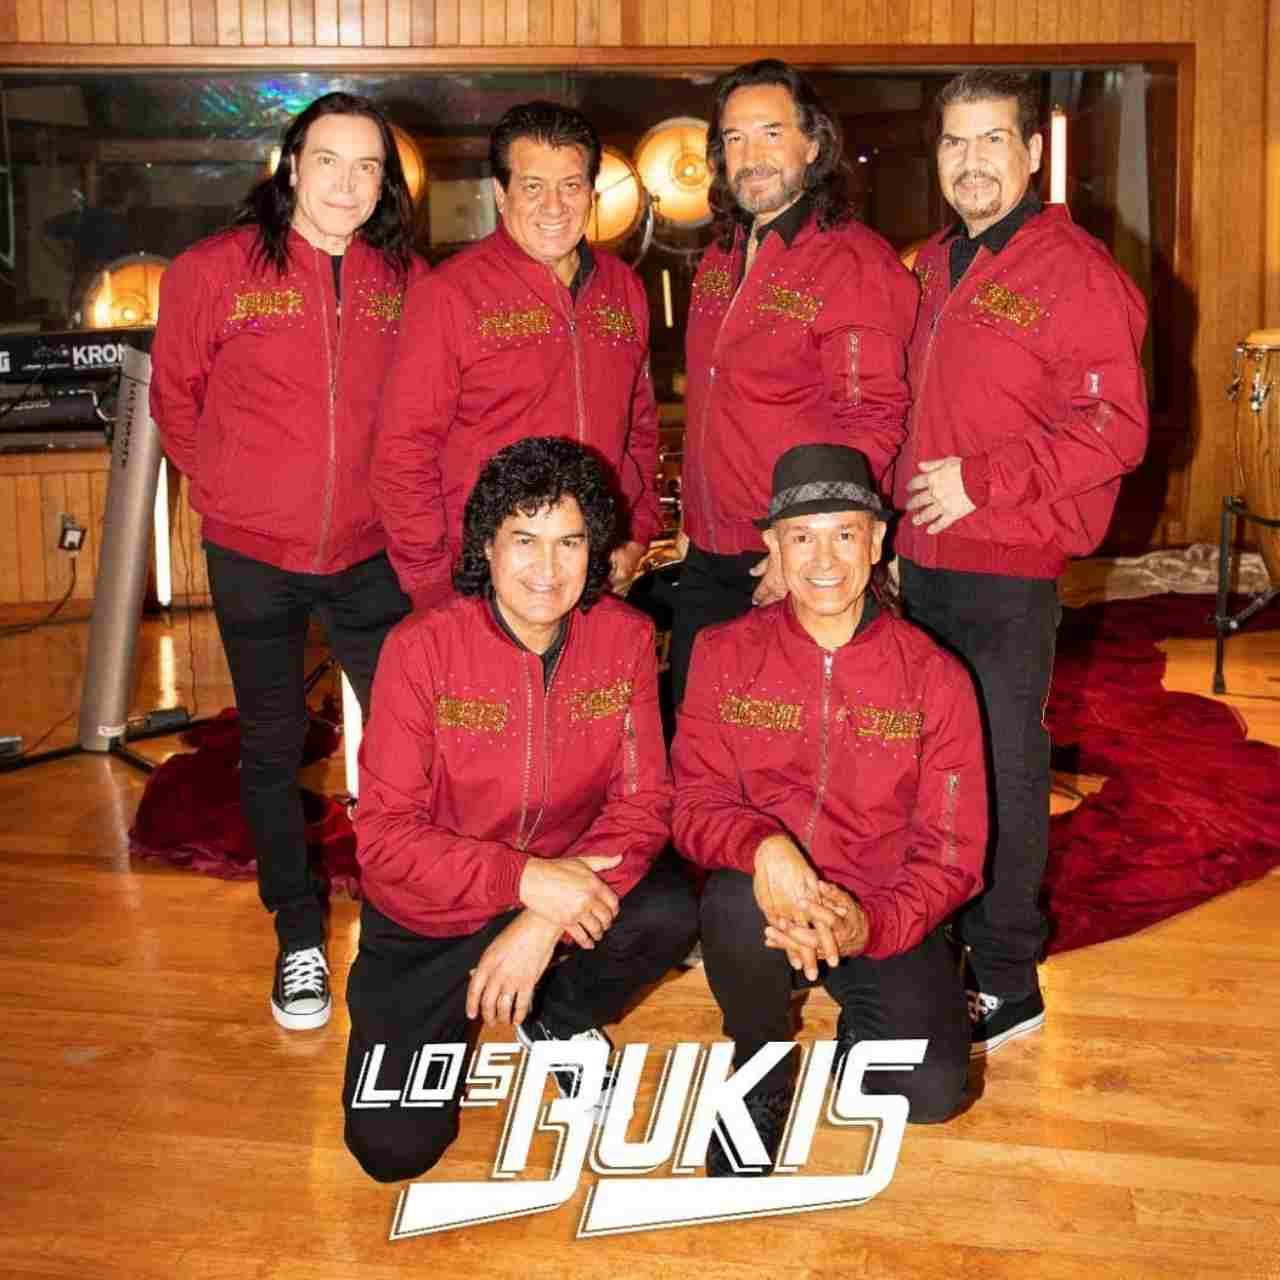 Los bukis regresan al escenario